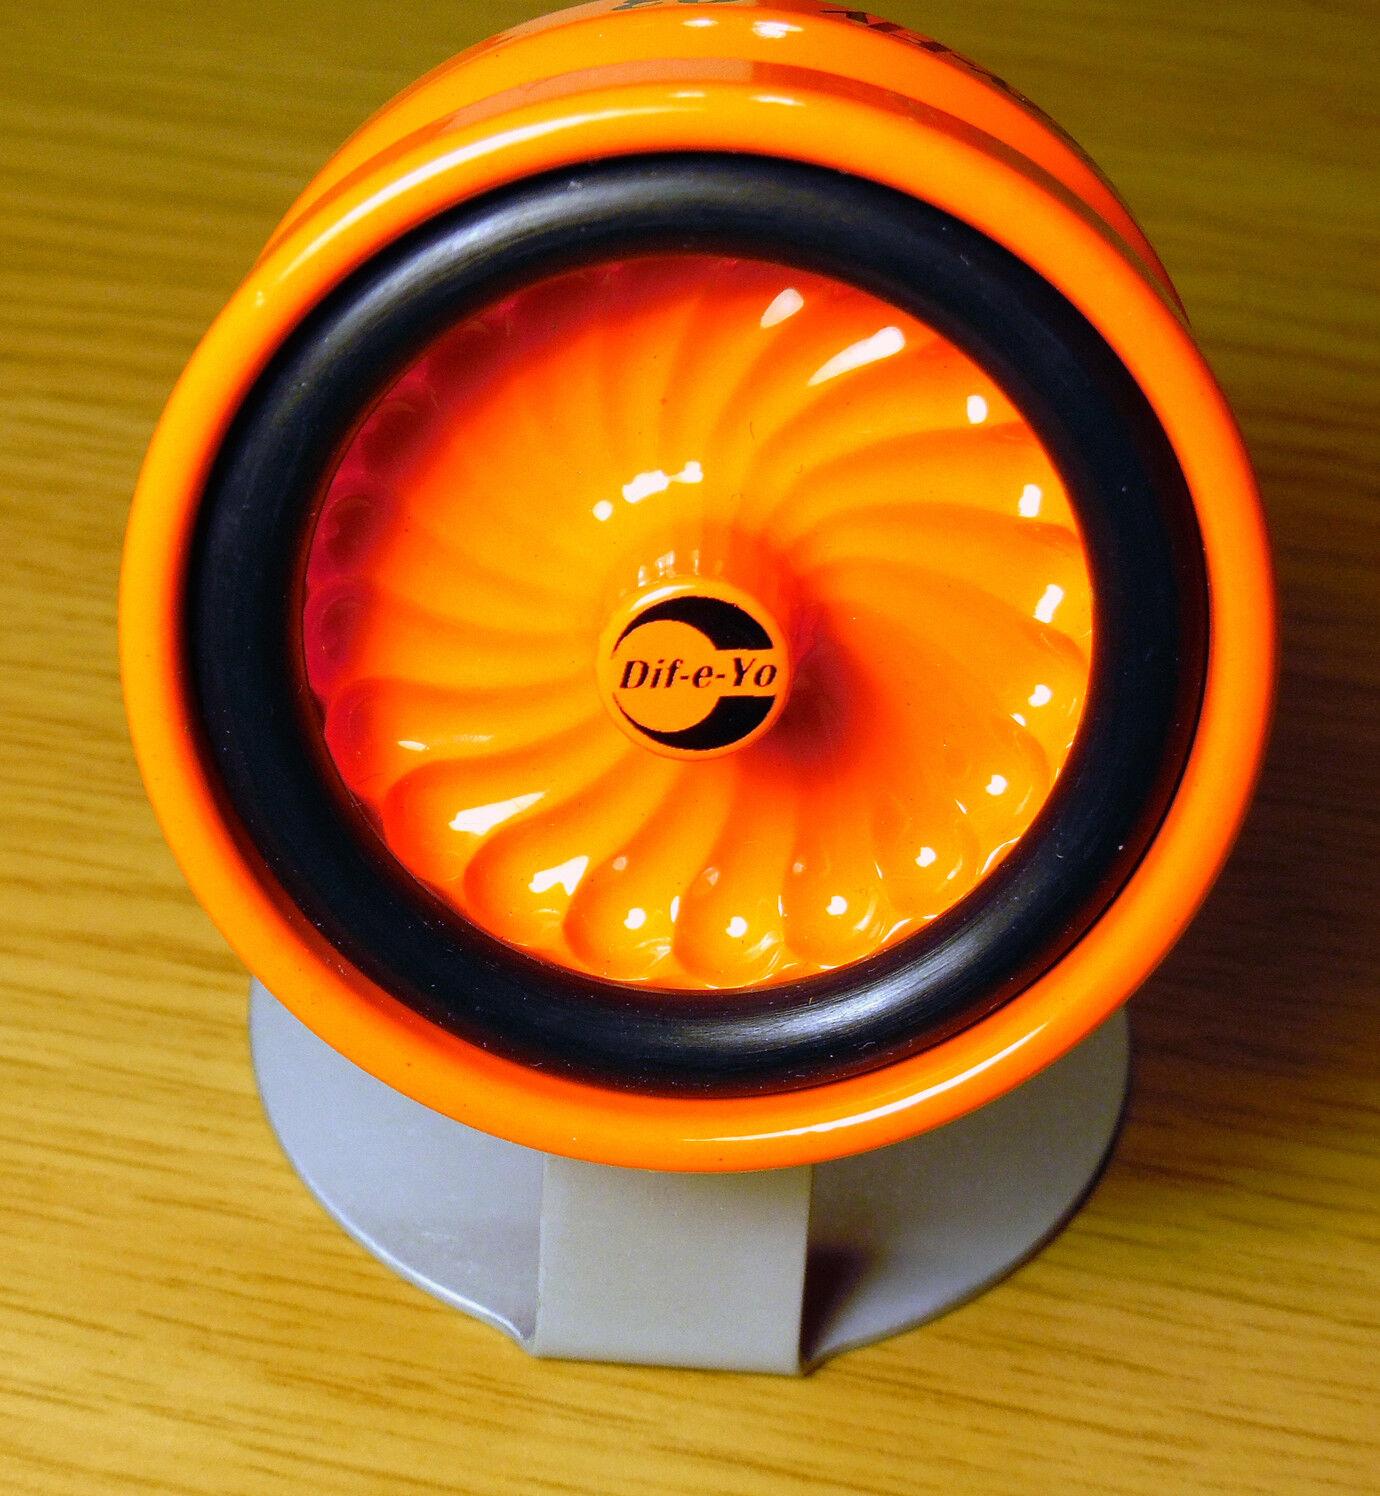 Dif-e-yo daizzy-fly   03 sammler modell yo - yo - Orange florescent pulver mantel yoyo